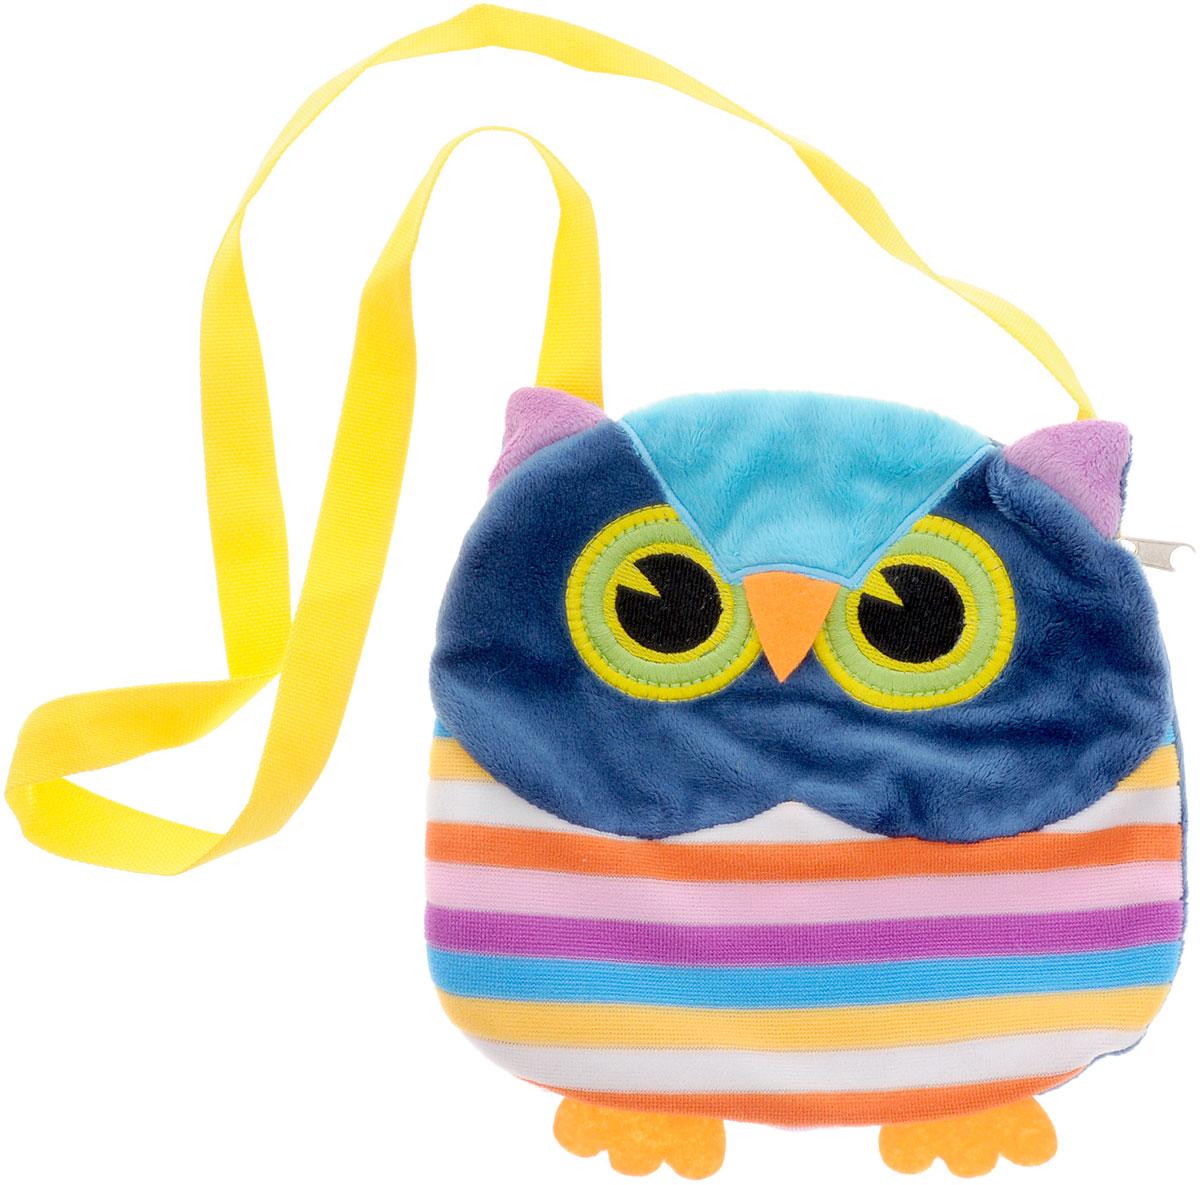 Fancy Сумка детская СоваSSV0Детская сумка Fancy Сова обязательно понравится каждой маленькой моднице. Сумочка выполнена в виде яркой полосатой совы и декорирована ушками, лапками и милой мордочкой с вышитыми глазками. Сумка изготовлена из мягкого ворсового трикотажа. Сумка имеет одно отделение, которое закрывается на пластиковую молнию с металлическим бегунком. Сумка имеет длинную лямку для ношения на плече. Порадуйте свою малышку таким замечательным подарком!